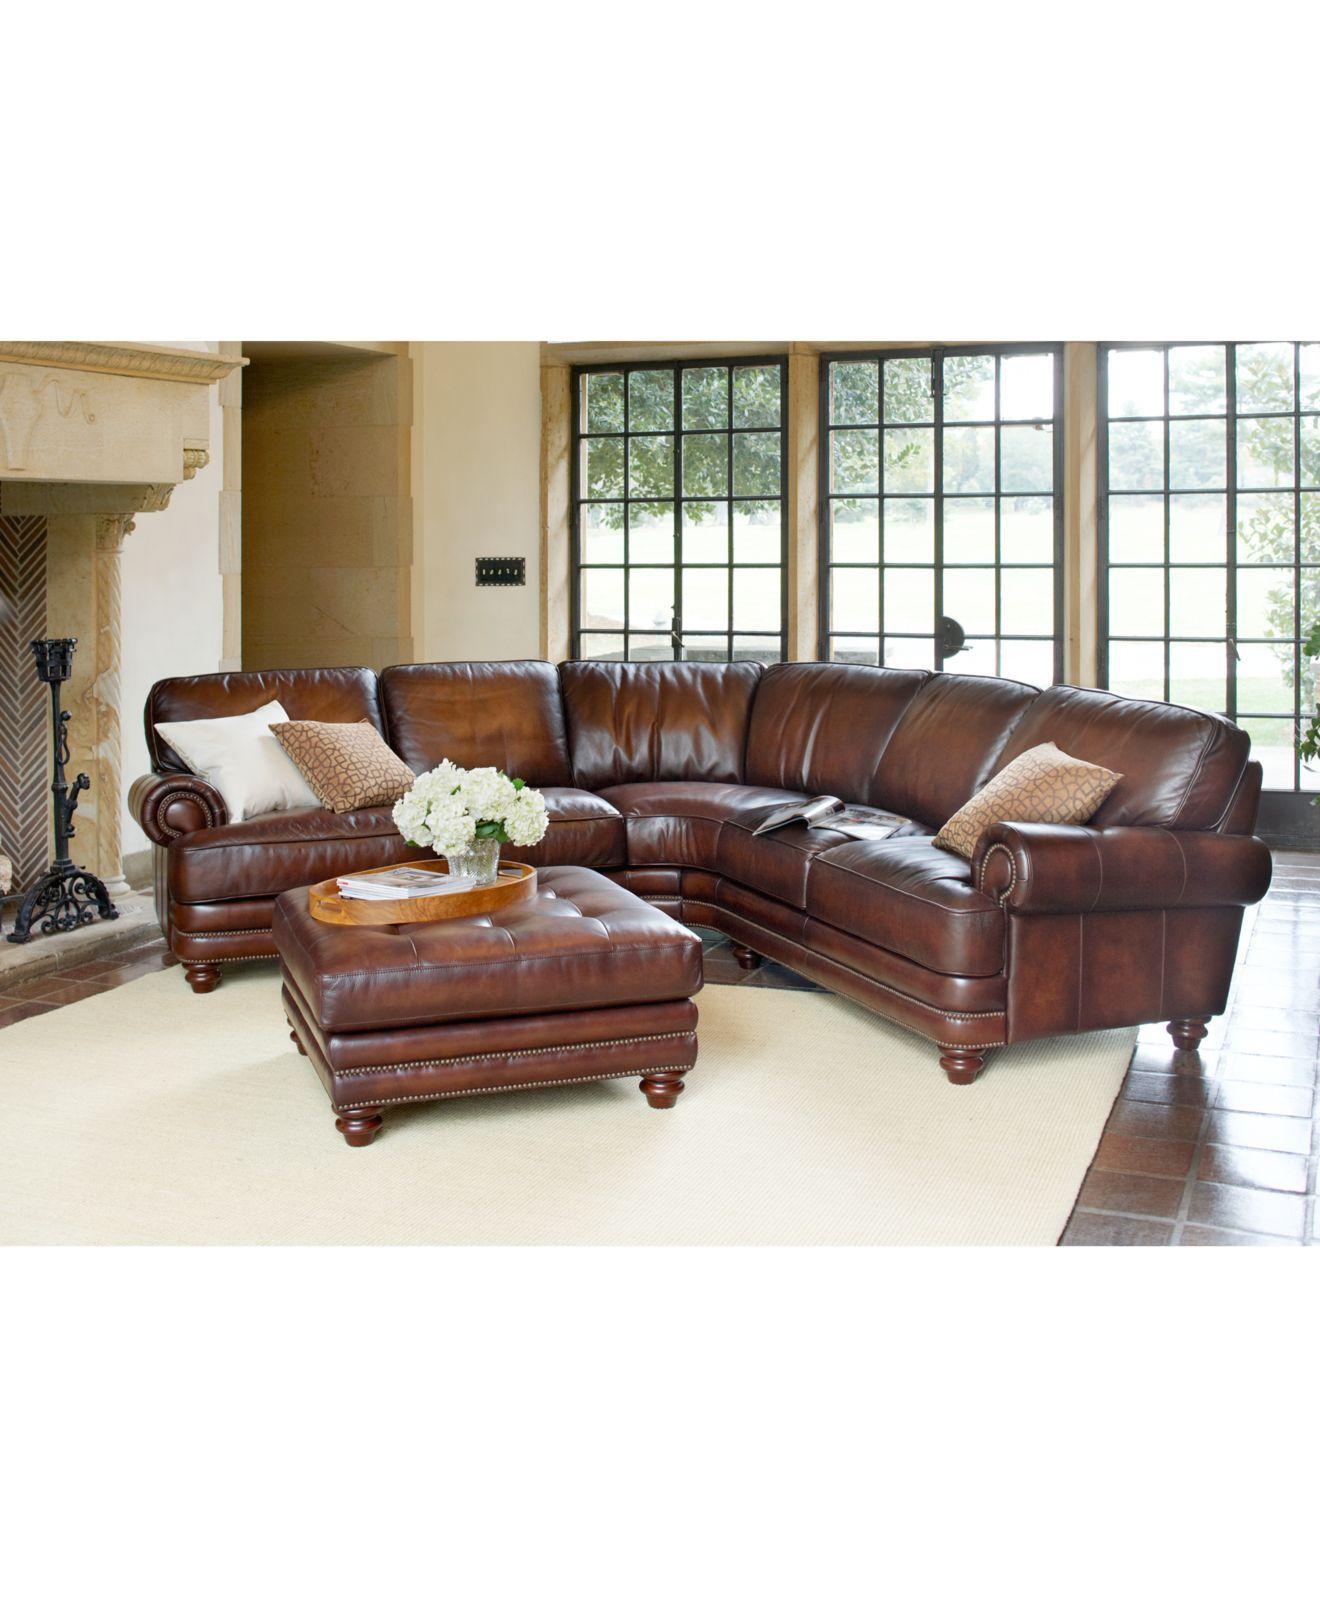 Brett Living Room Furniture Sets & Pieces